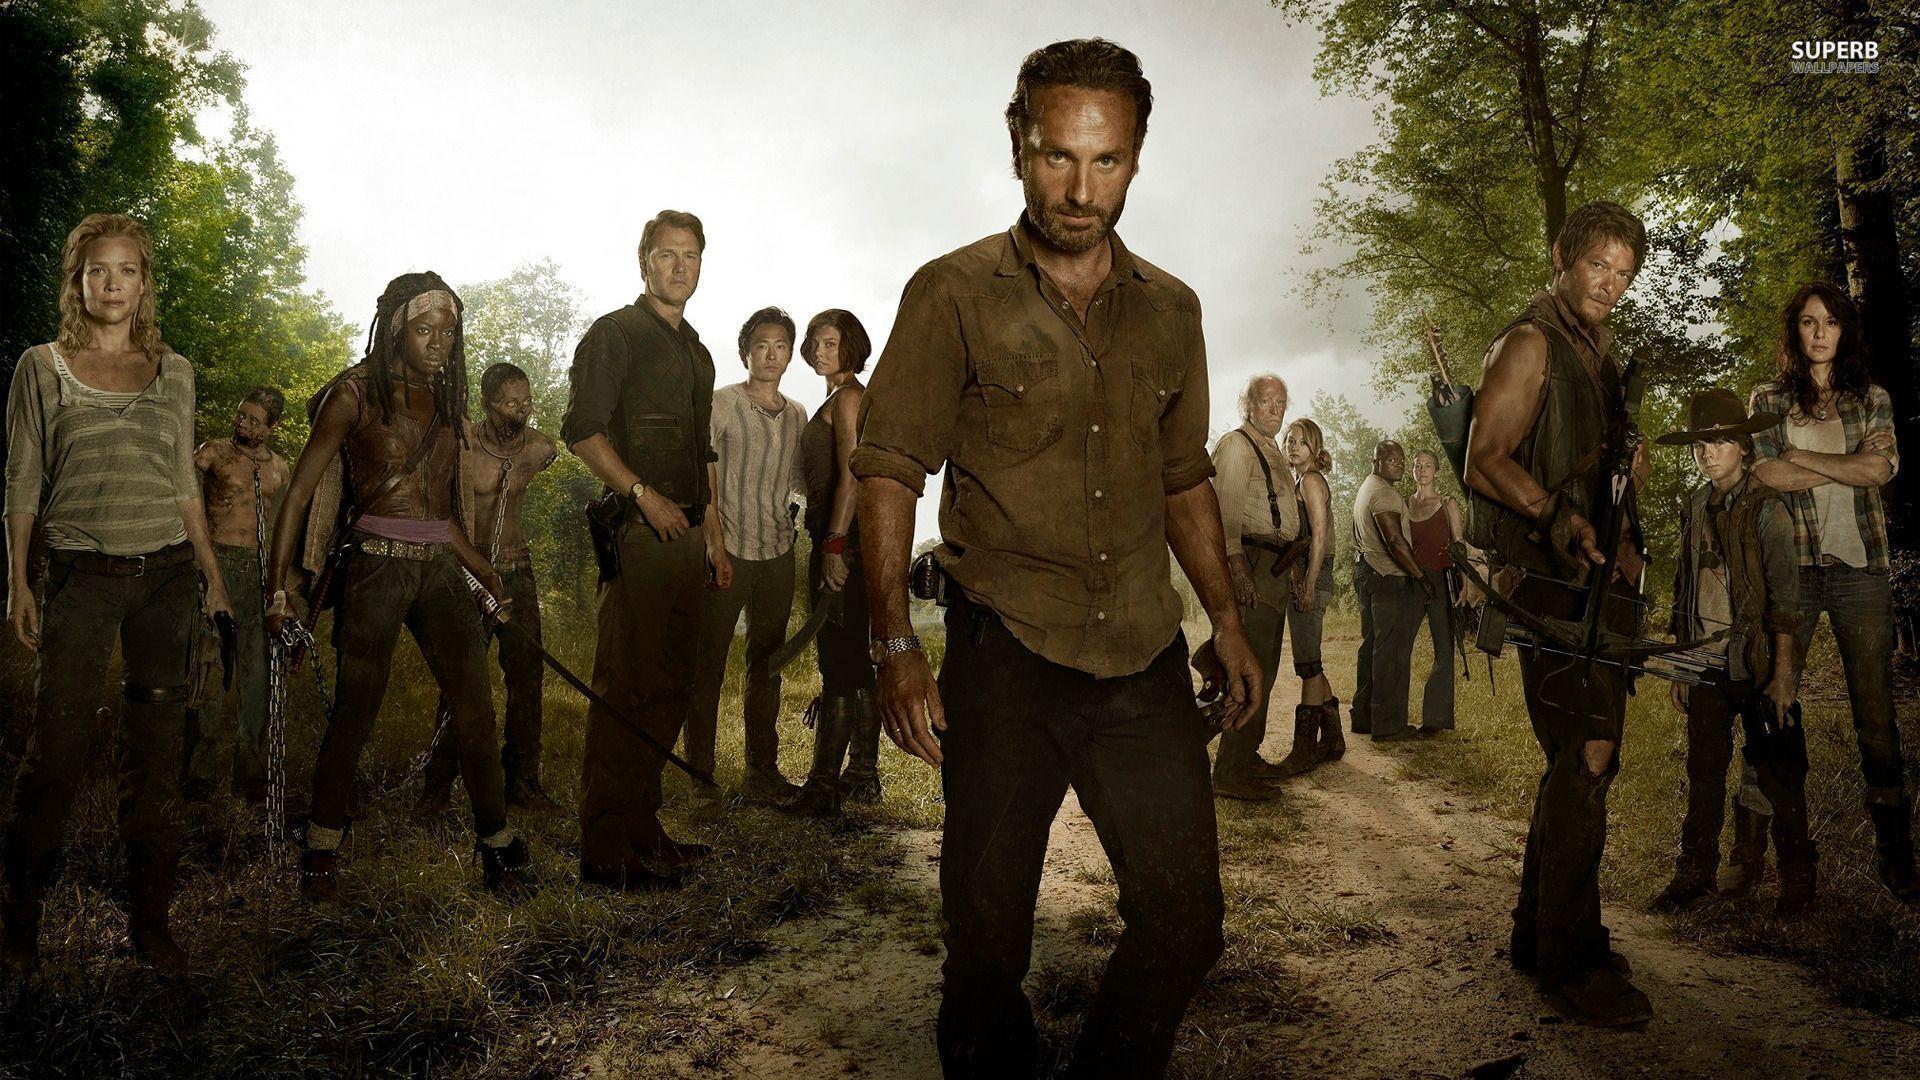 Walking Dead Hd